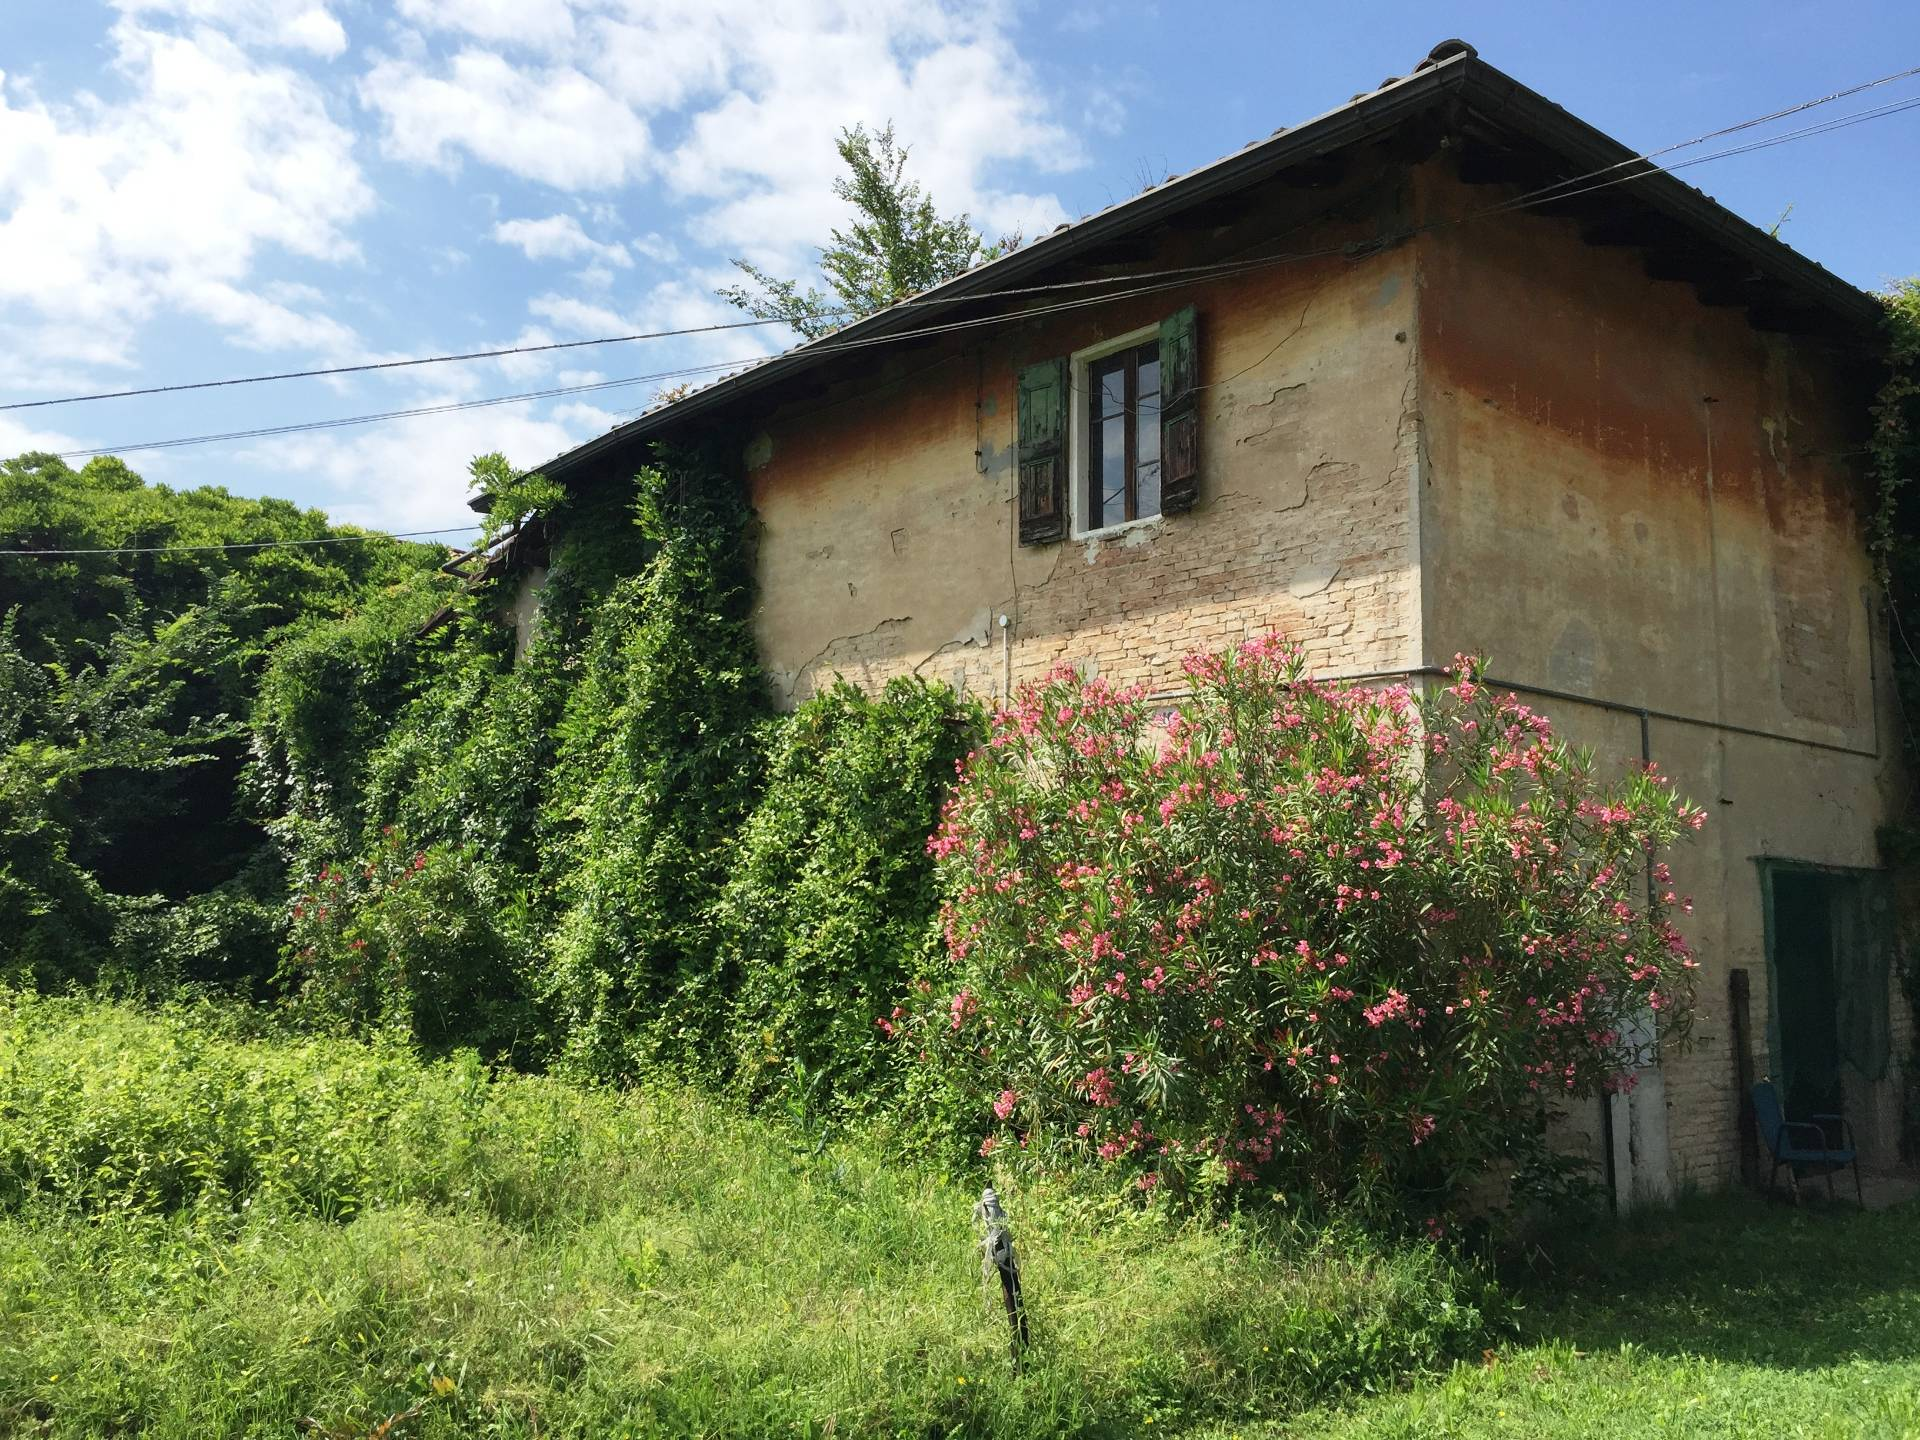 Soluzione Indipendente in vendita a Bologna, 20 locali, zona Località: Lame, prezzo € 2.500.000 | CambioCasa.it